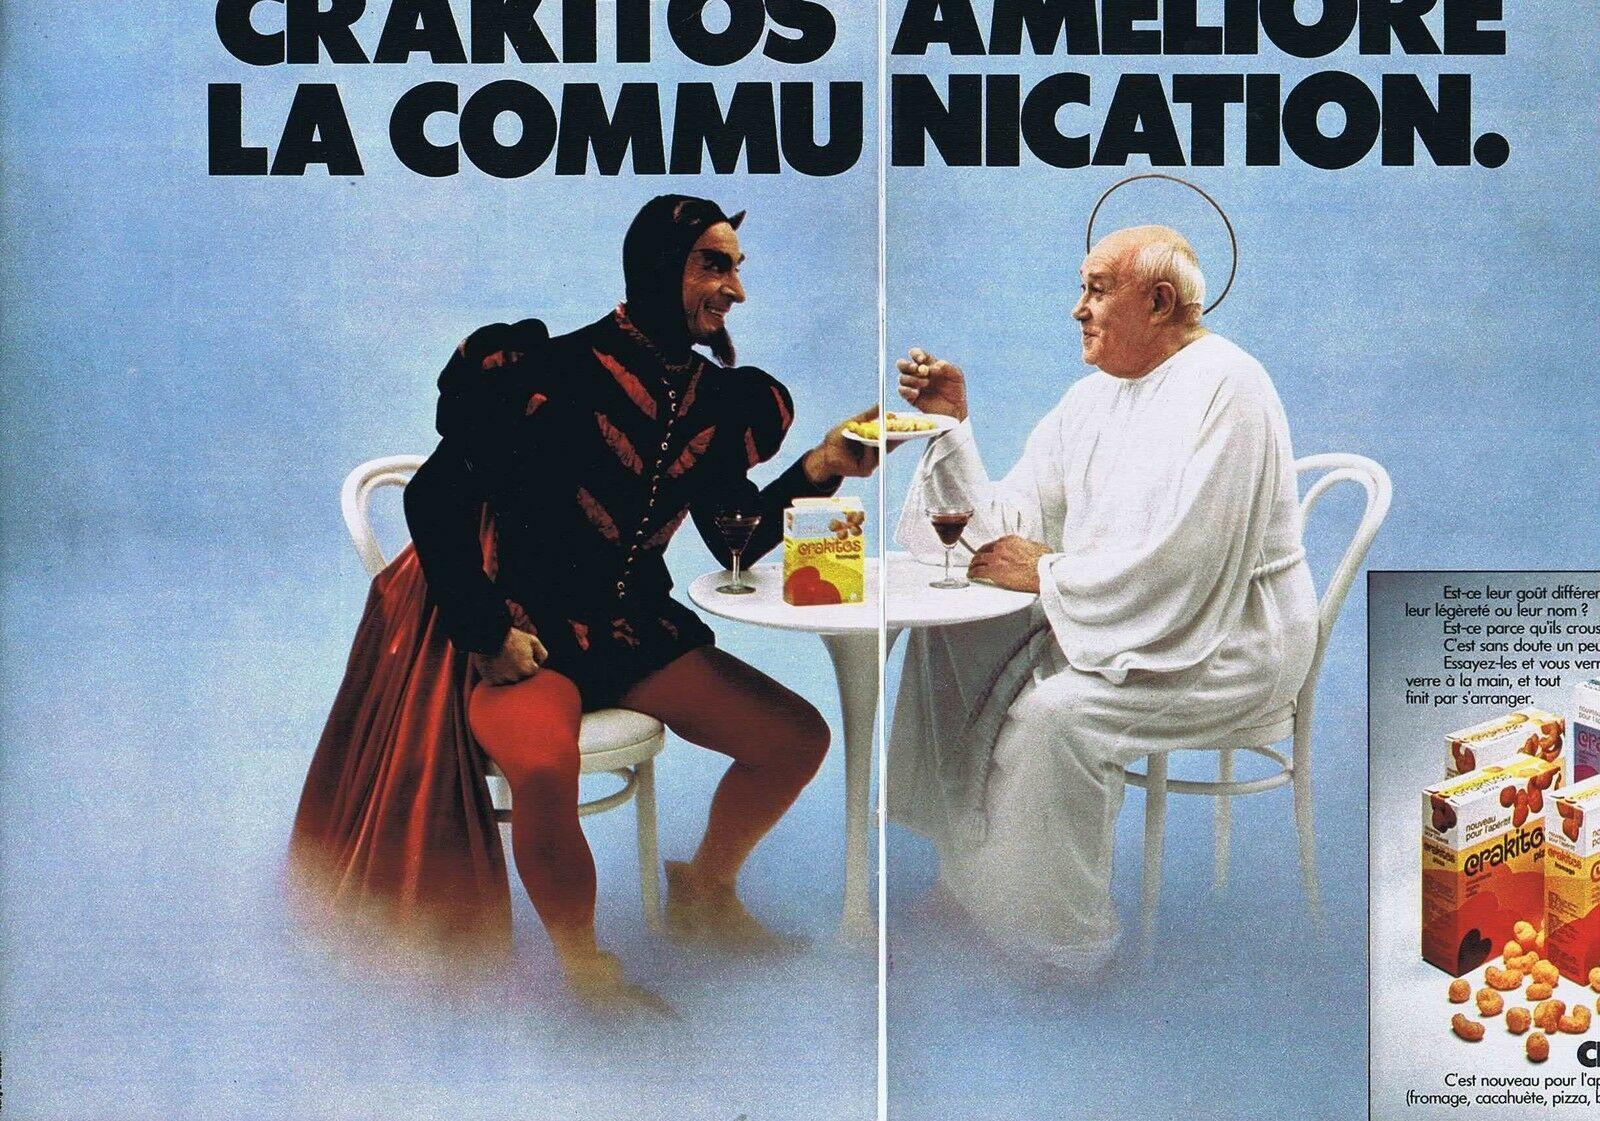 1972 Crakitos